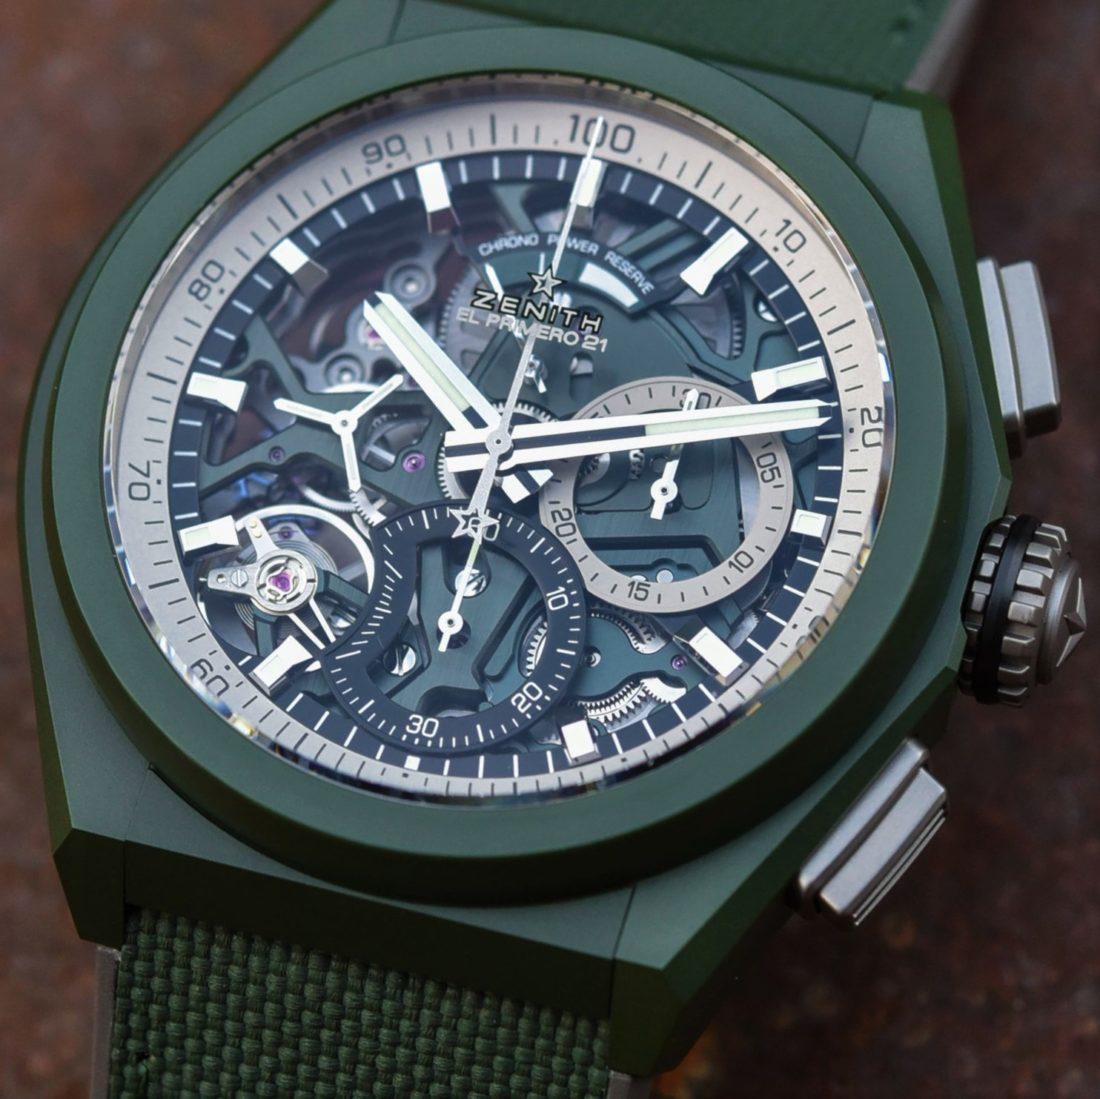 Продать часы Zenith: быстро, безопасно, дорого